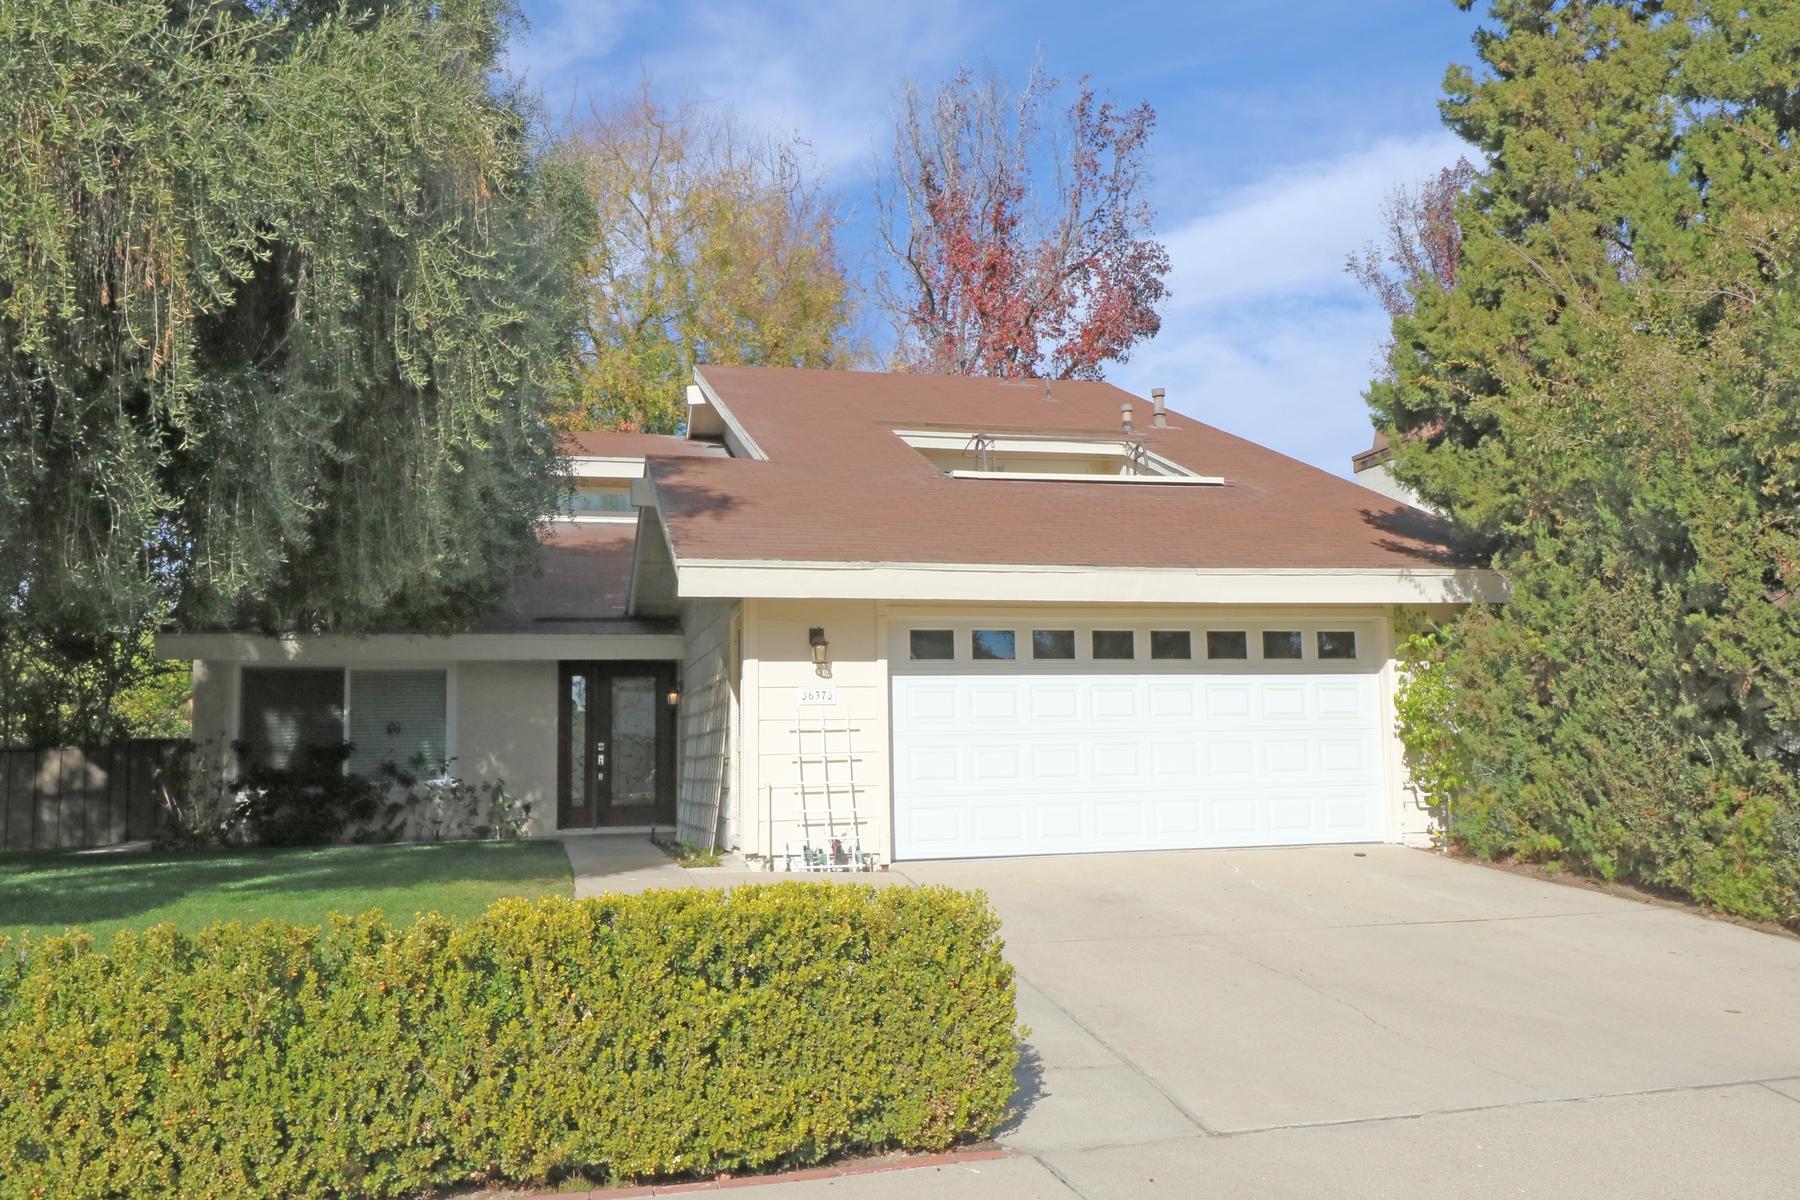 独户住宅 为 出租 在 637 Marshall Ct, Claremont 91711 克莱尔蒙特, 加利福尼亚州, 91711 美国